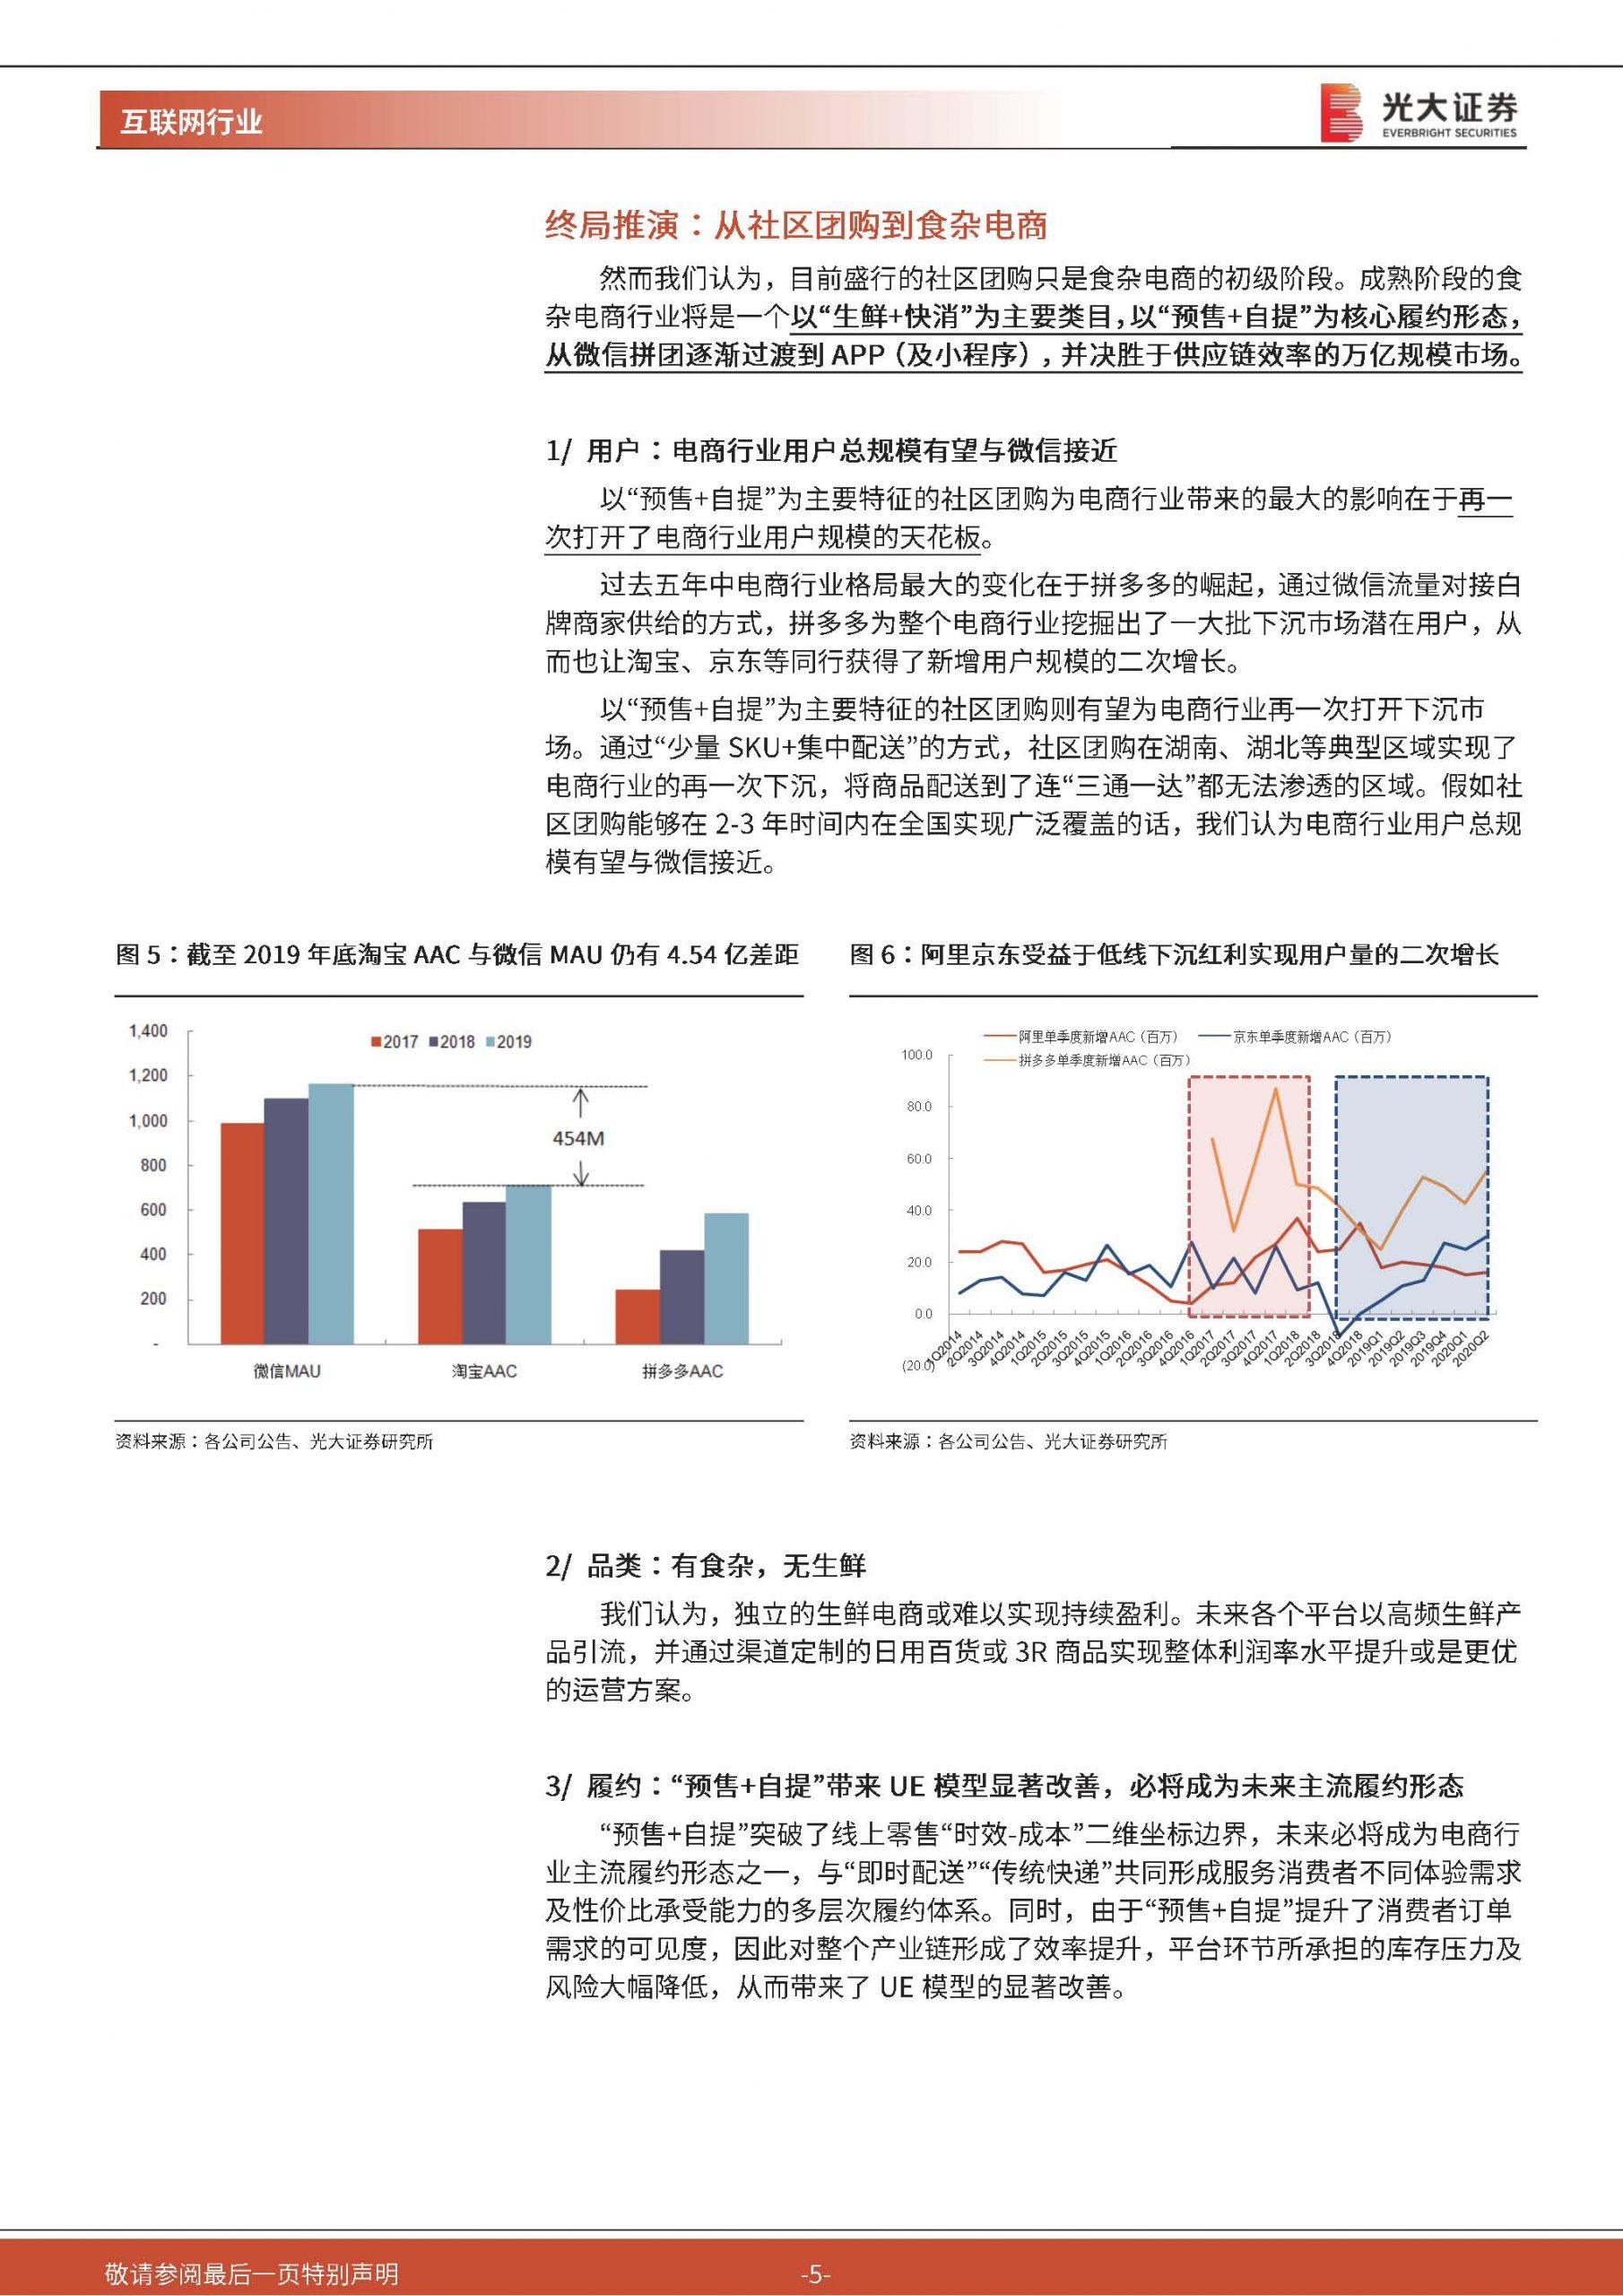 大数据研究报告,光大证券-社区团购,万亿规模红利,寻找能绣花的大象!